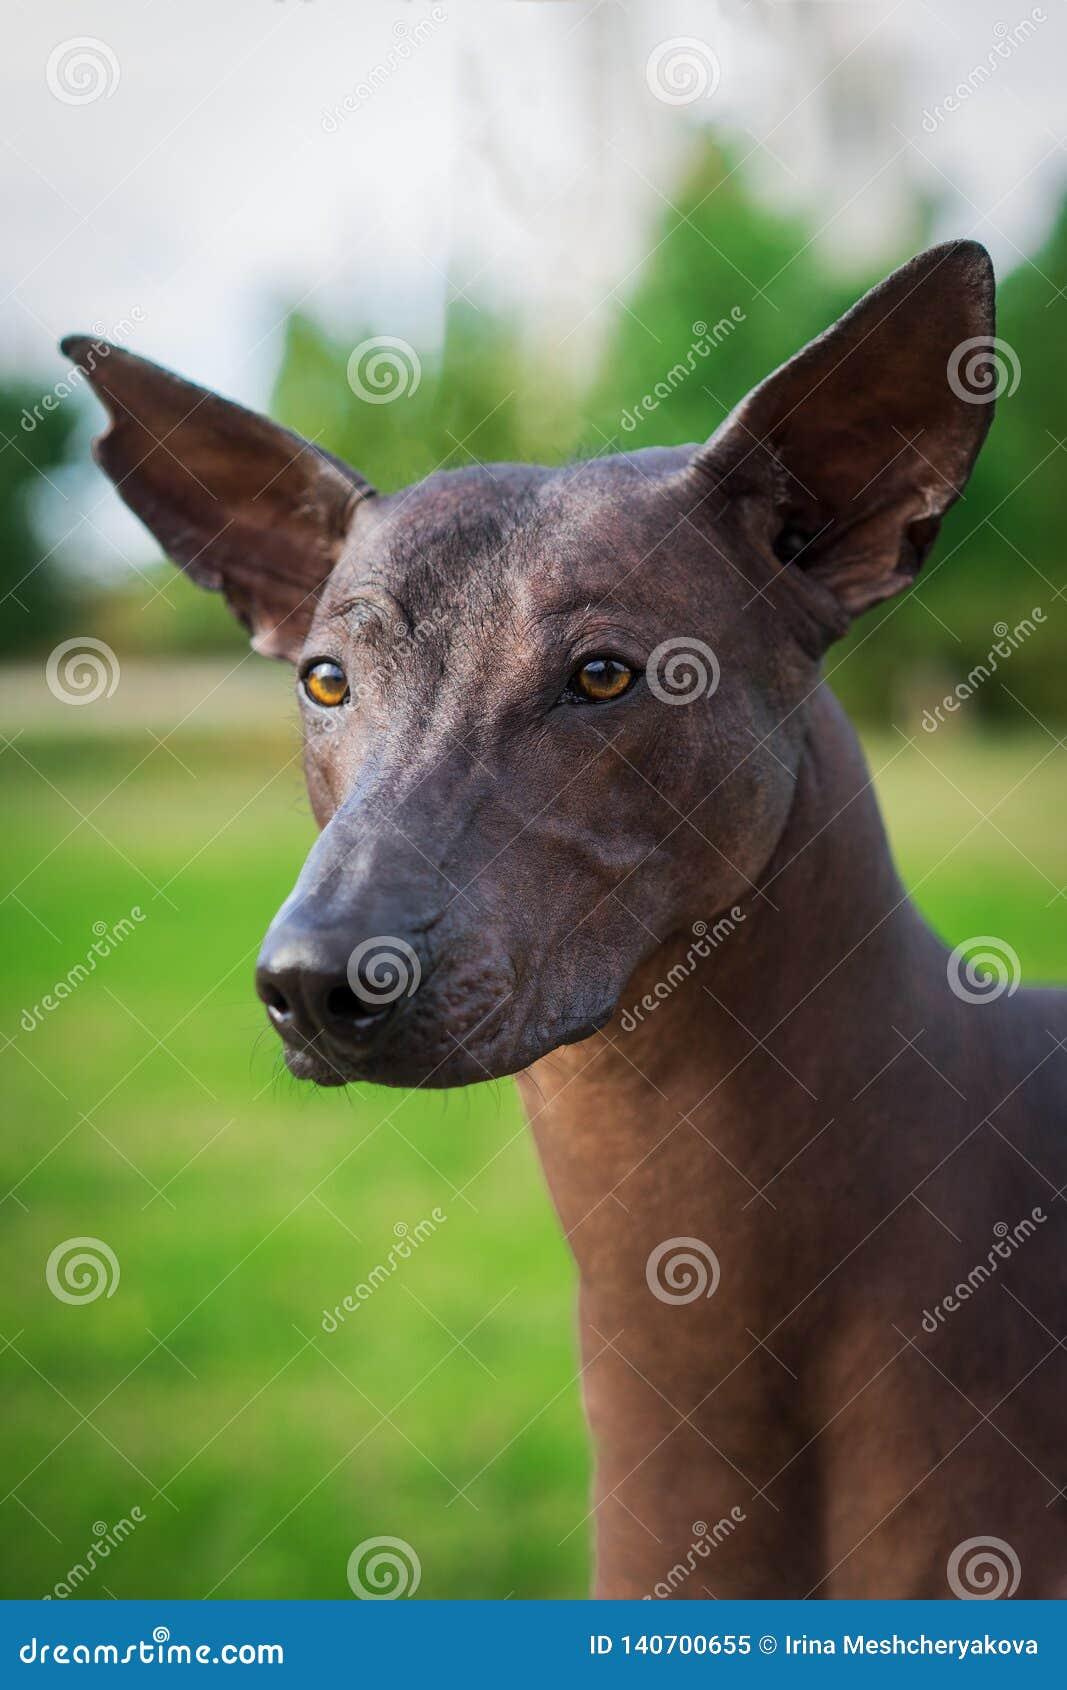 Κάθετο πορτρέτο ενός σκυλιού της φυλής Xoloitzcuintli, μεξικάνικο άτριχο σκυλί του μαύρου χρώματος του τυποποιημένου μεγέθους, πο